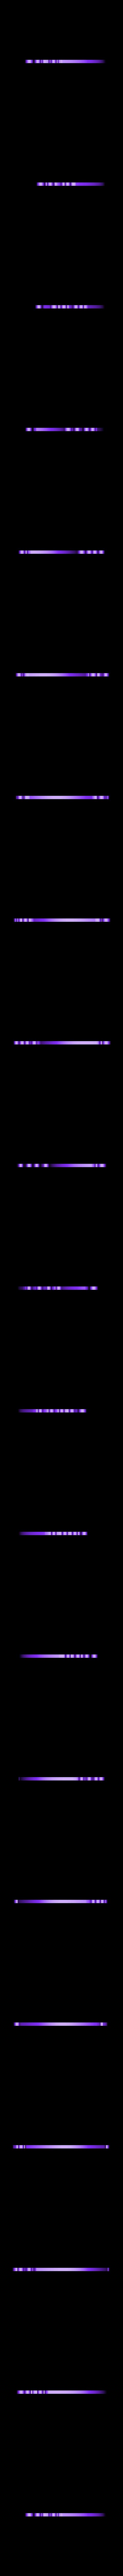 cell_golgi.STL Télécharger fichier STL gratuit Modèle de cellule multicolore • Plan imprimable en 3D, MosaicManufacturing